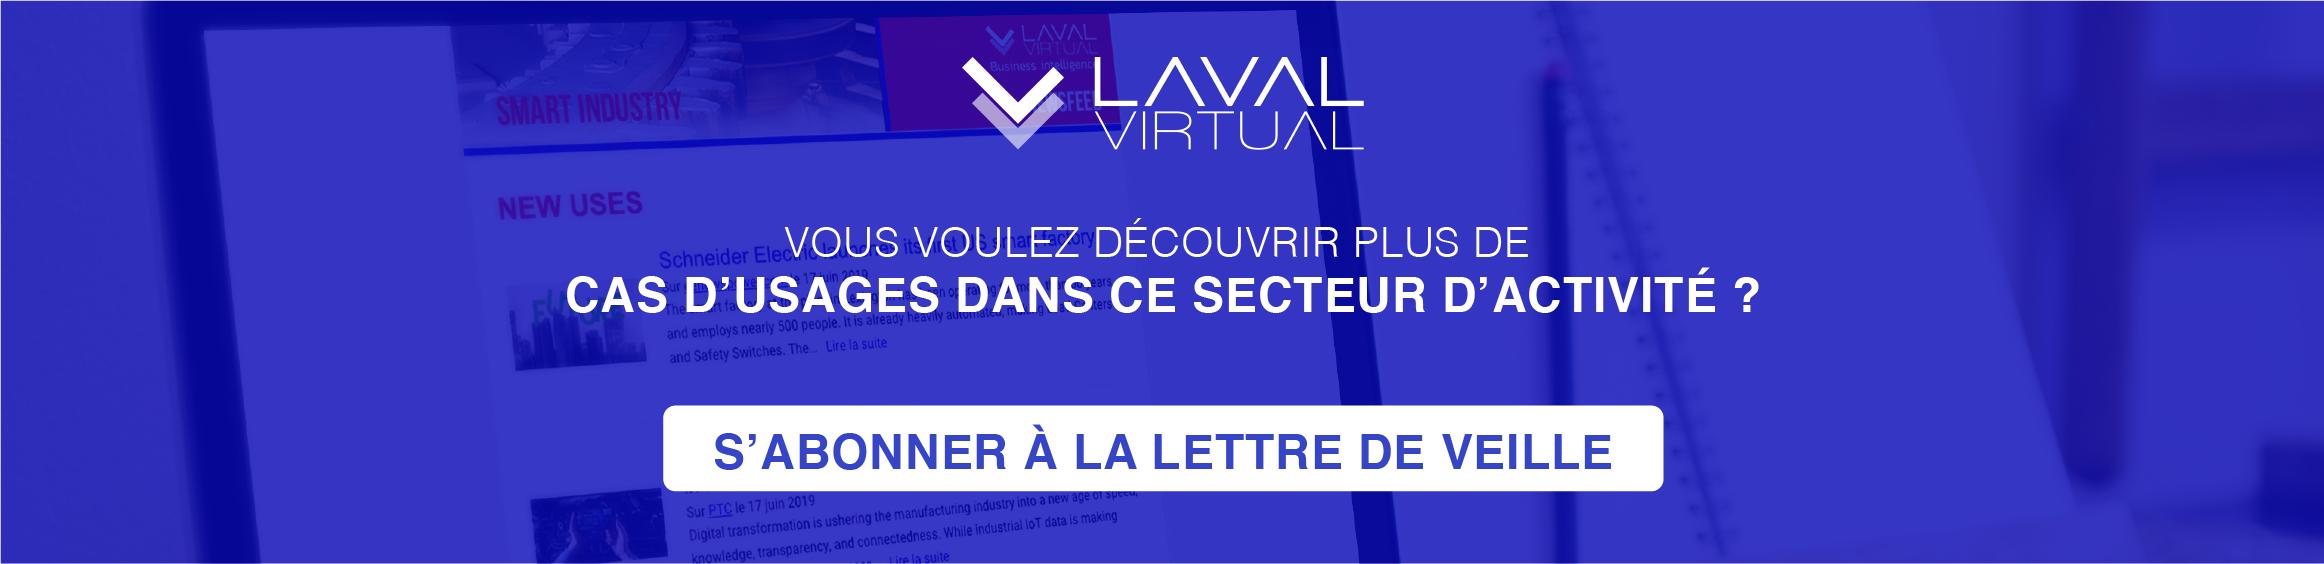 S'abonner à la lettre de veille Laval Virtual